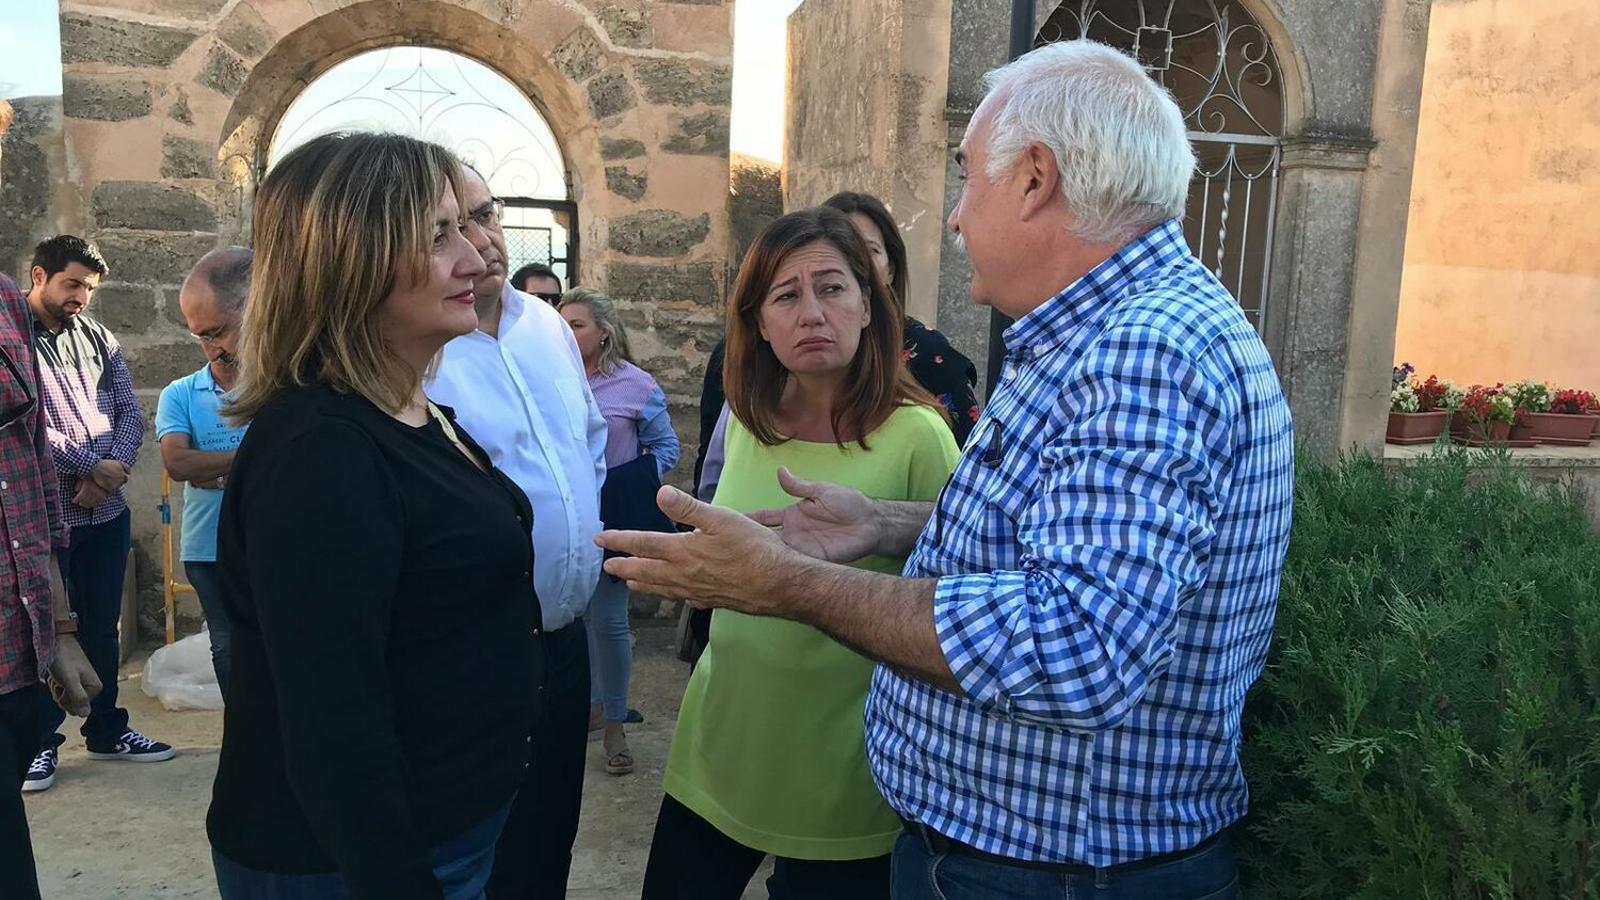 L'exconsellera Fanny Tur i la presidenta del Govern, Francina Armengol, escolten les explicacions de l'investigador Manel Suárez a la fossa de Calvià.